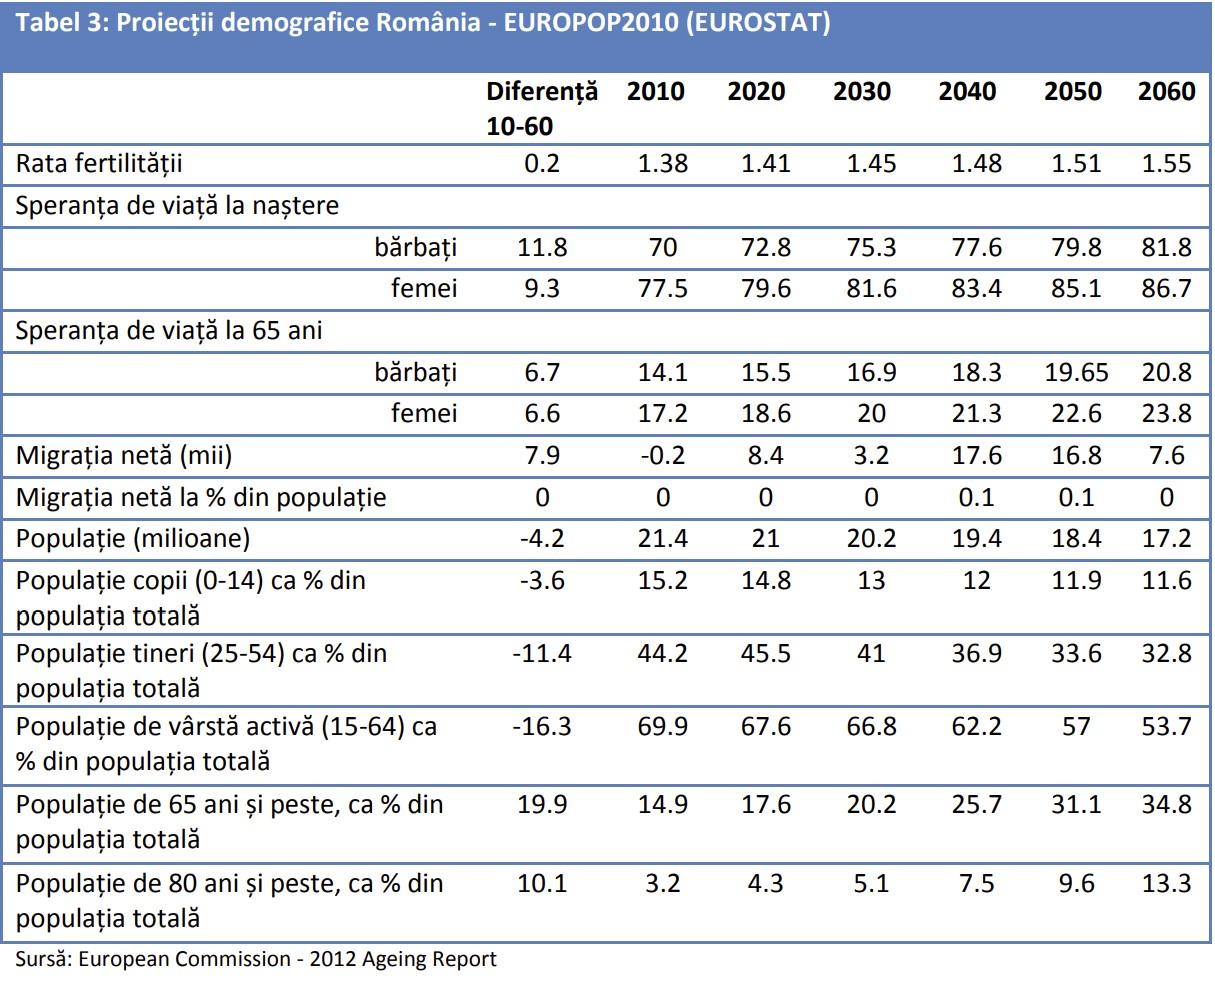 Proiectii demografice Romania